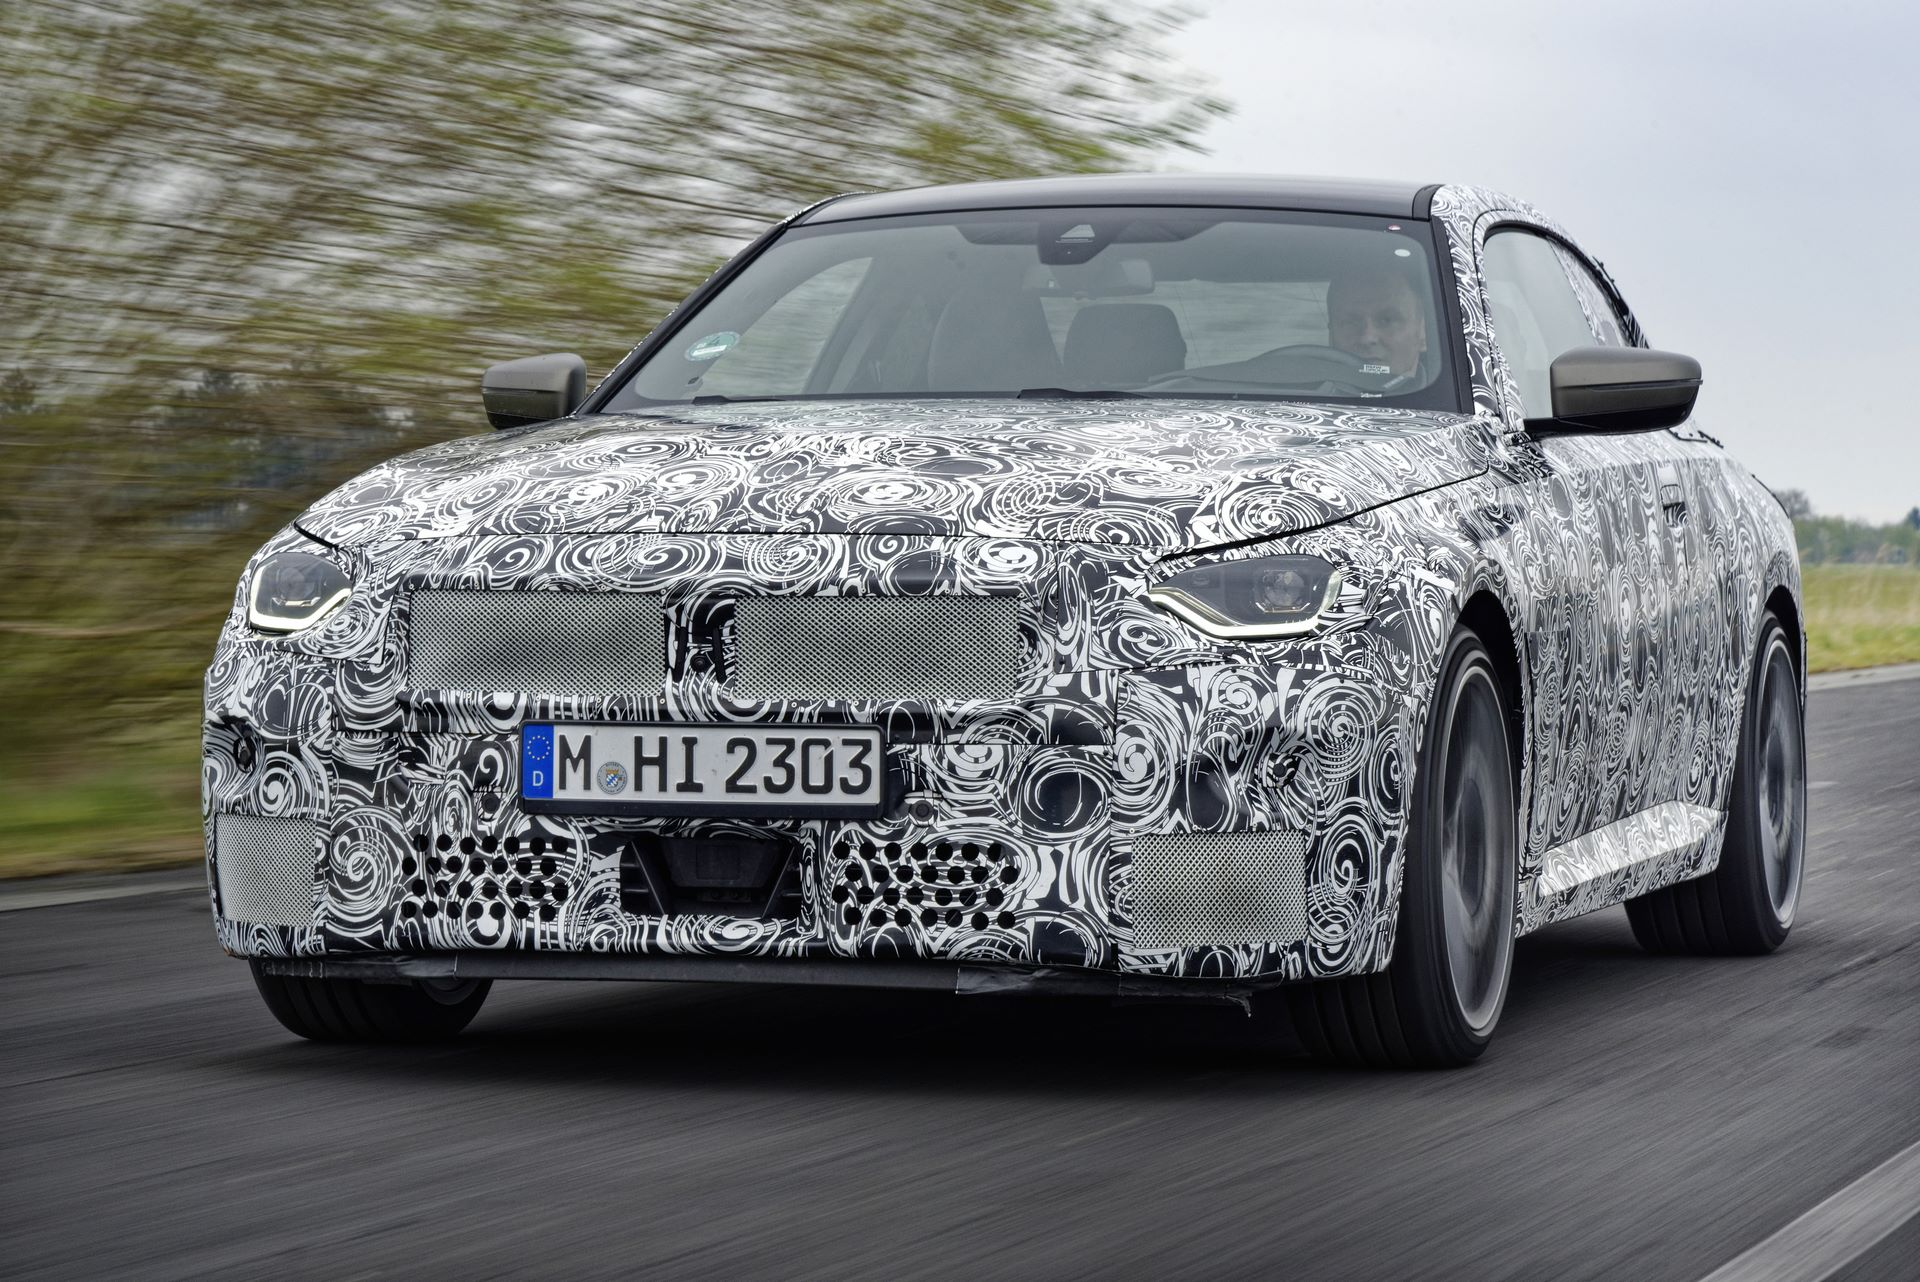 BMW-2-Series-M240i-spy-photos-70